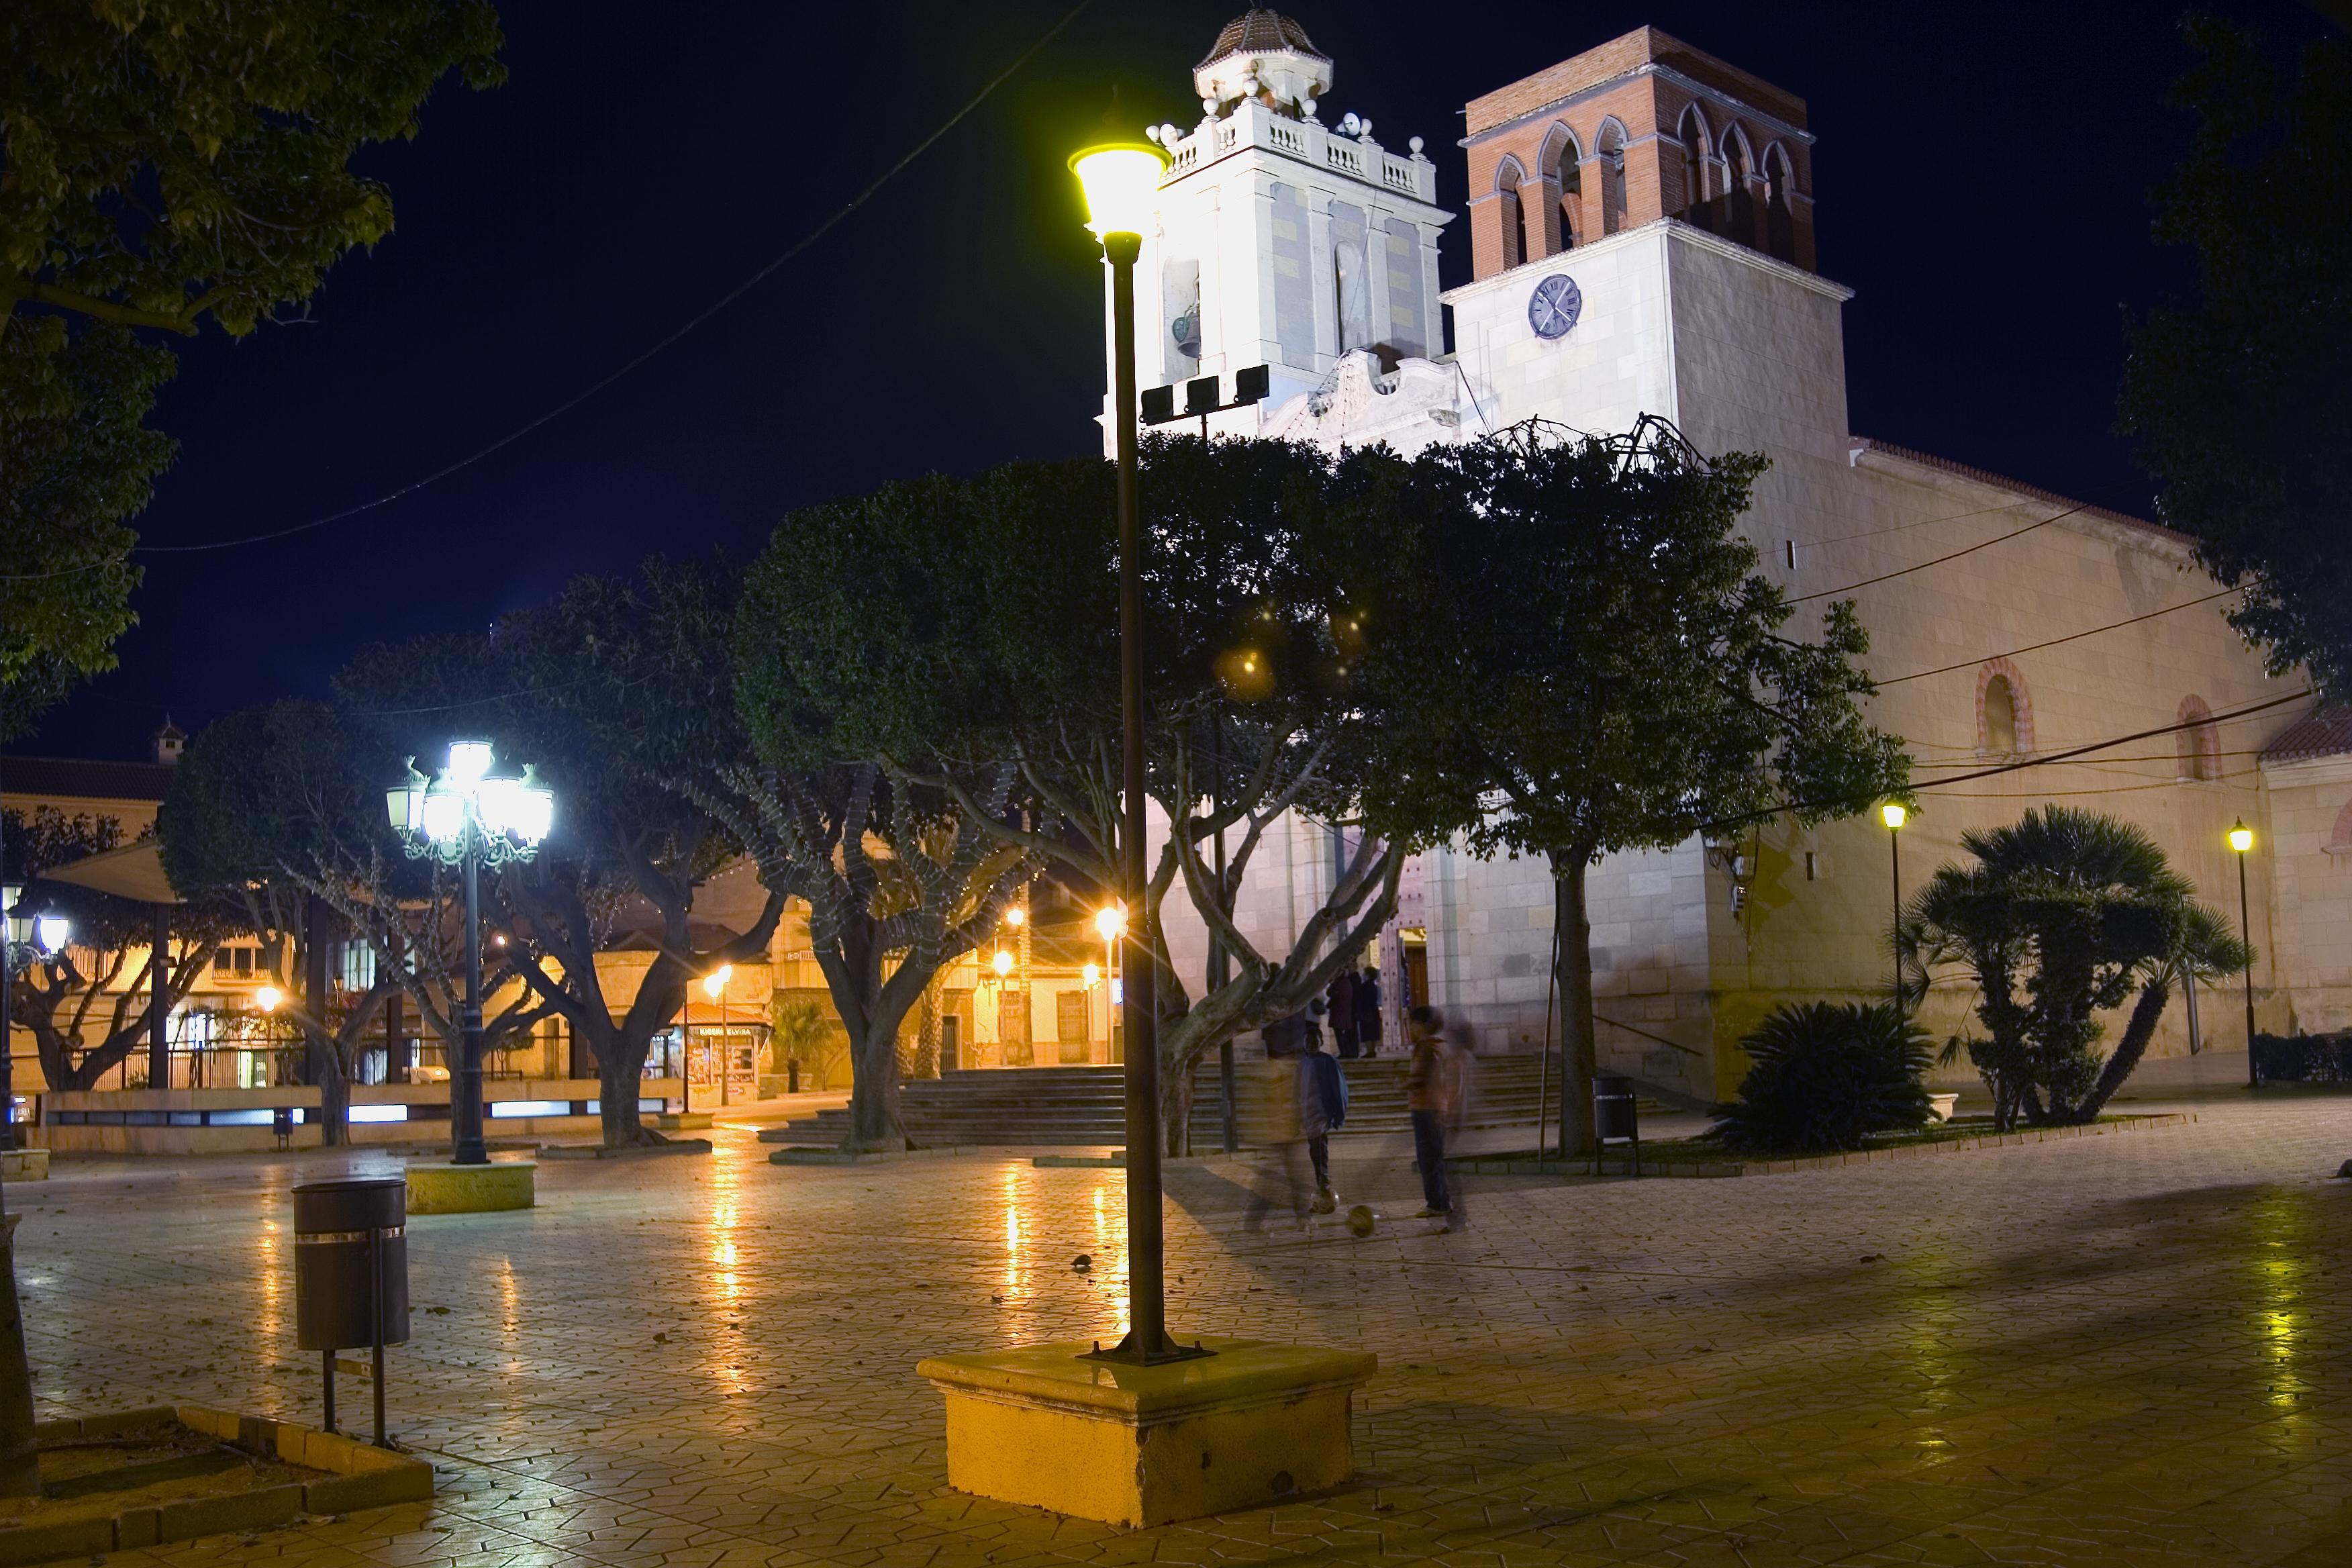 Plaza_Iglesia_Nocturno